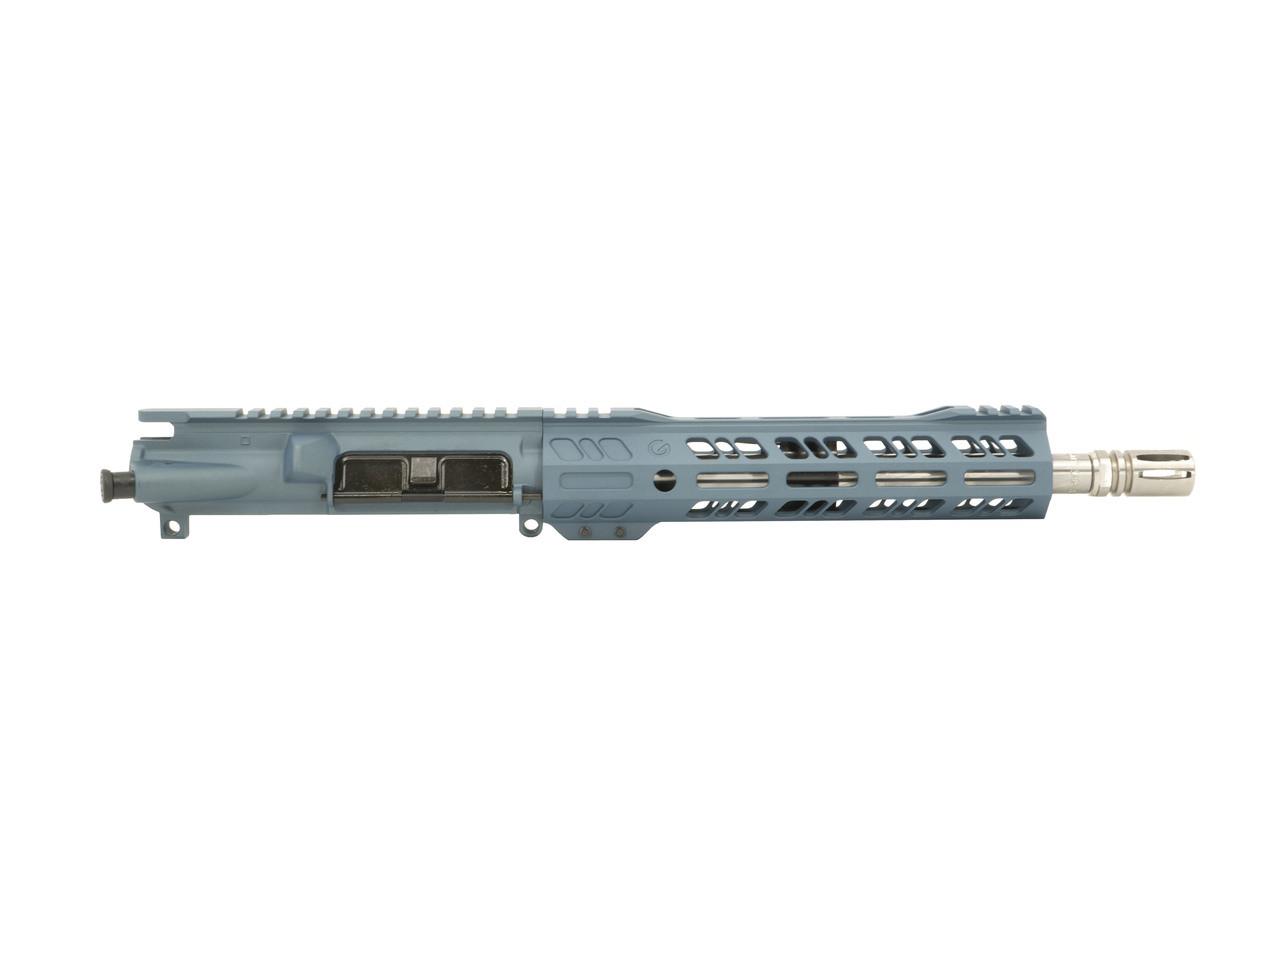 Grid Defense Stainless Steel 10 5